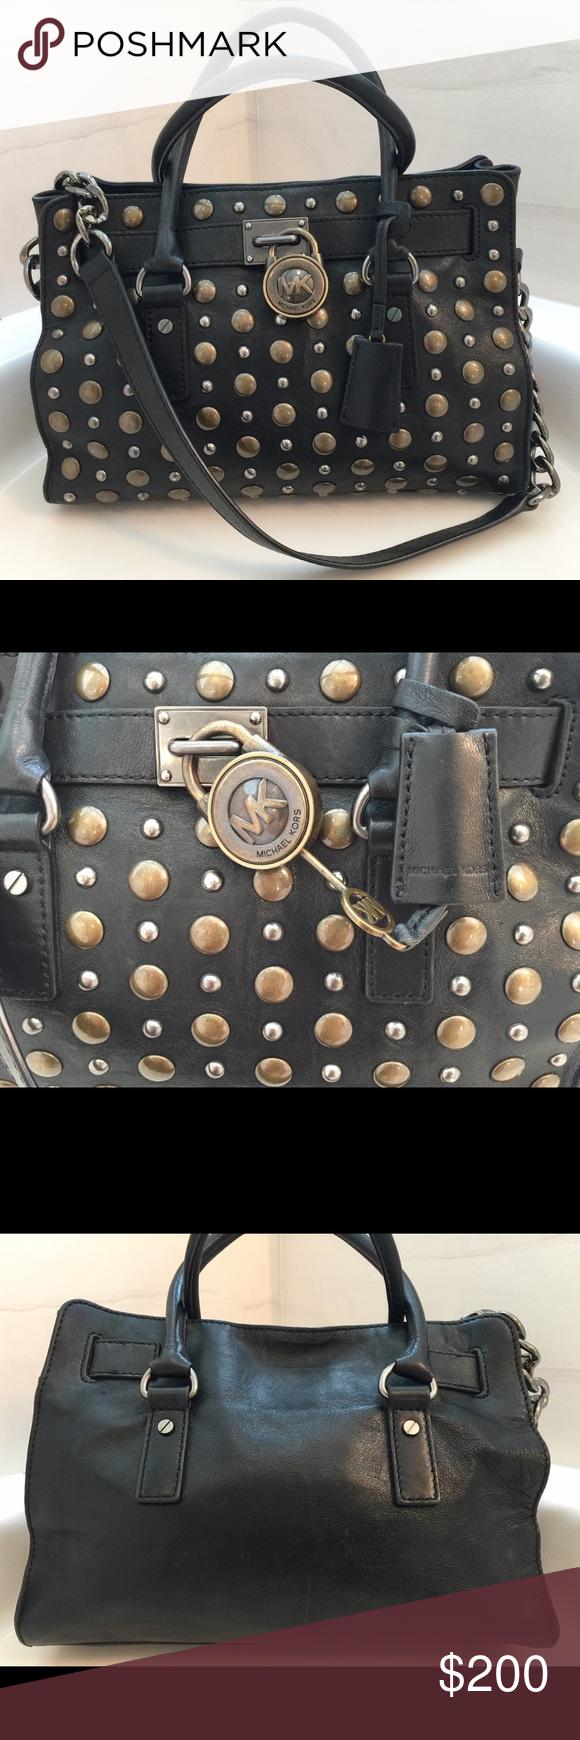 Authentic Vintage Michael Kors Purse Handbag Women S Arm